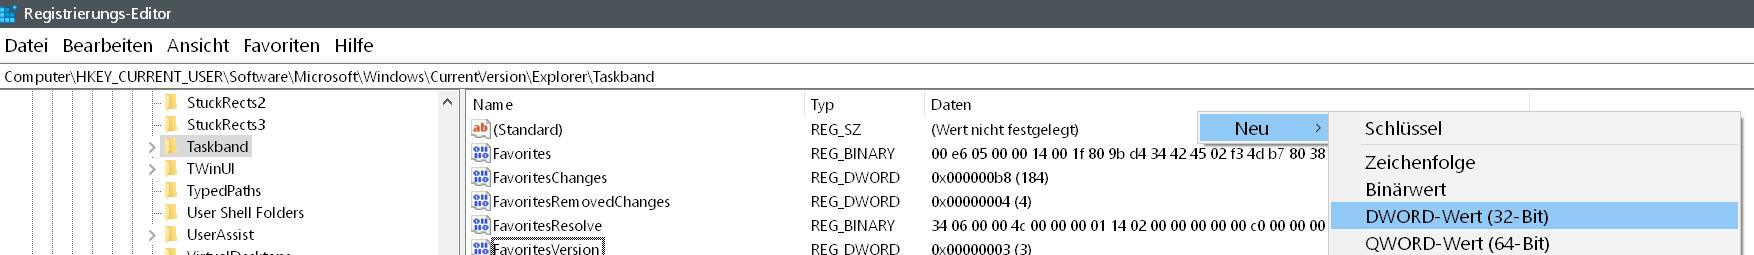 dword neu - Windows 10 Vorschaubild in der Taskleiste vergrößern